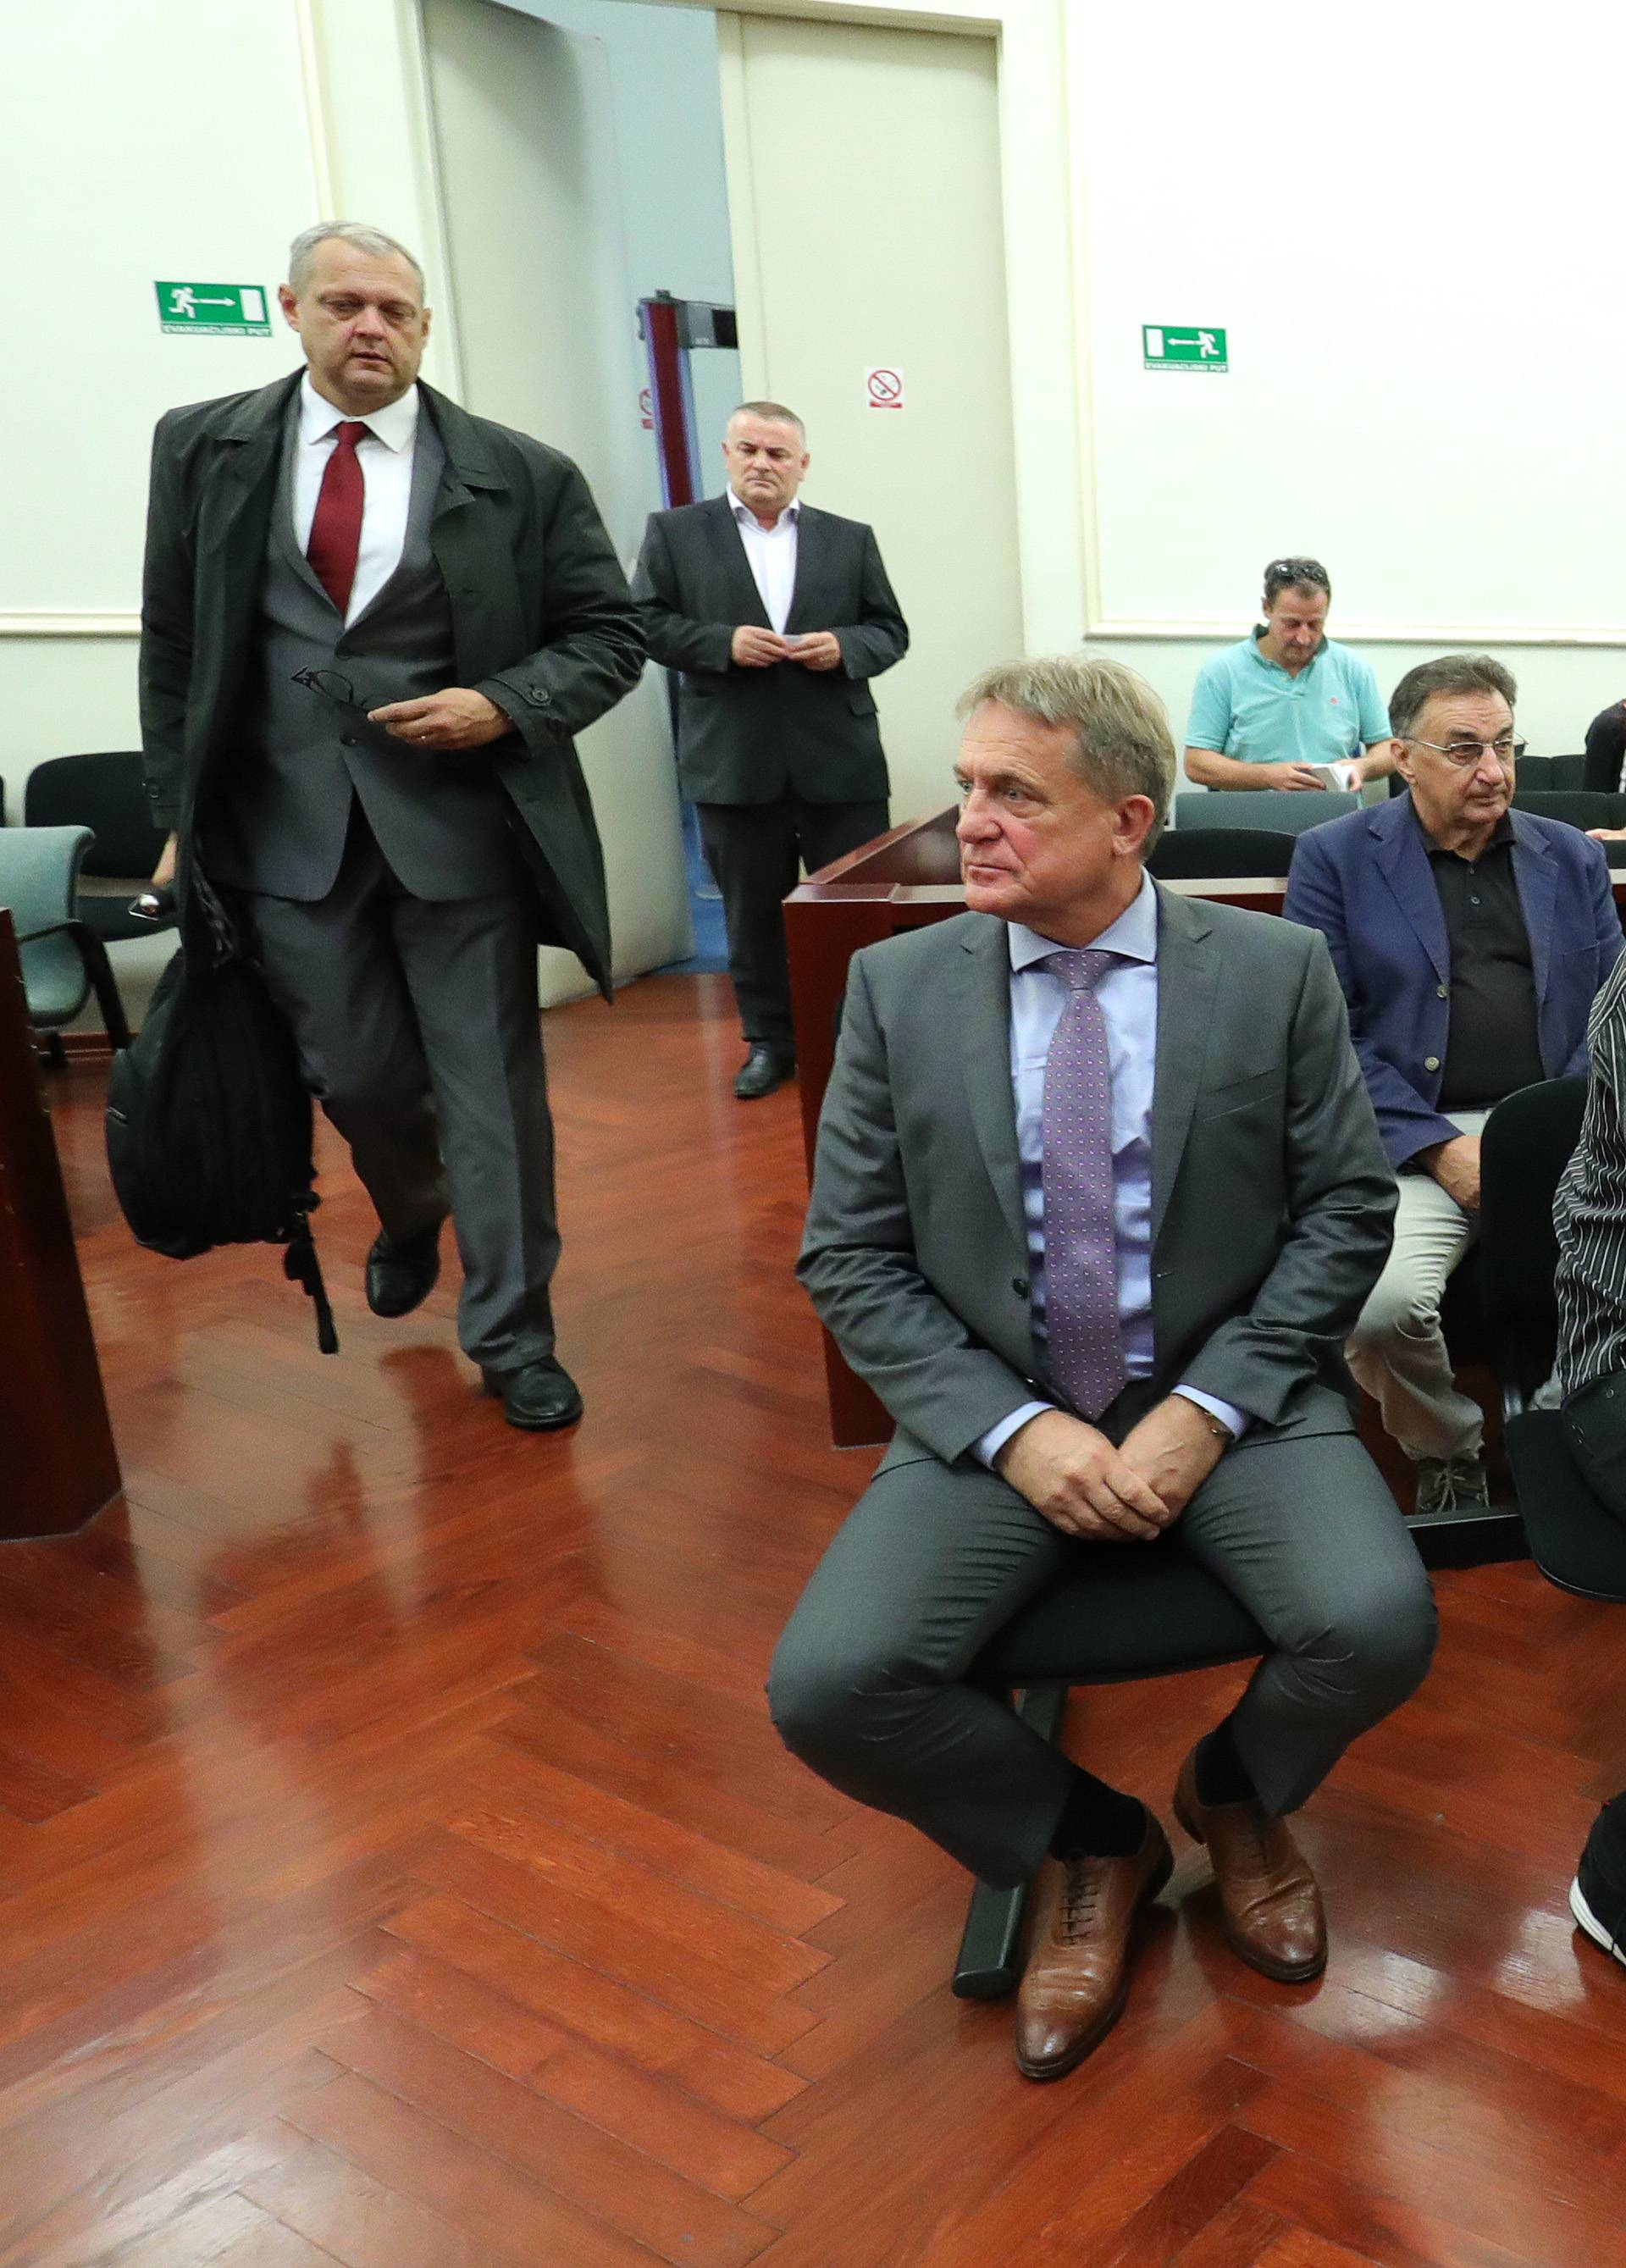 Zagreb: Drago Tadić svjedočio na suđenju sudu o aferi HGK - remorker